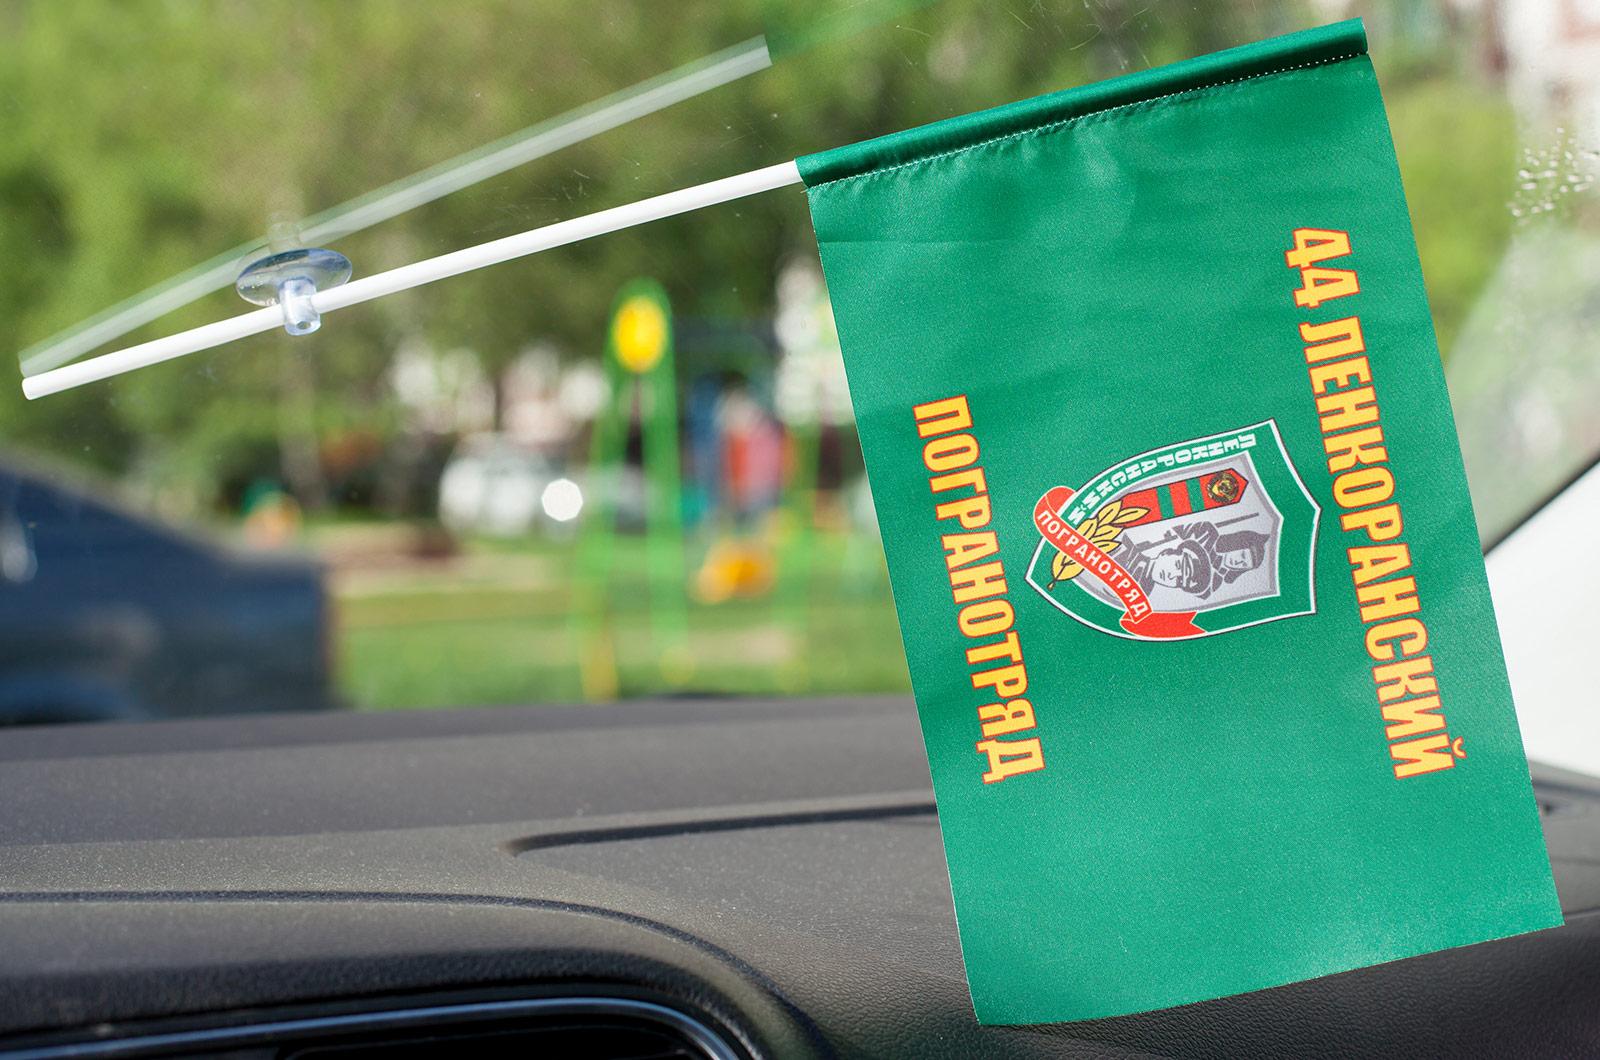 Флажок в машину «Ленкоранский пограничный отряд»